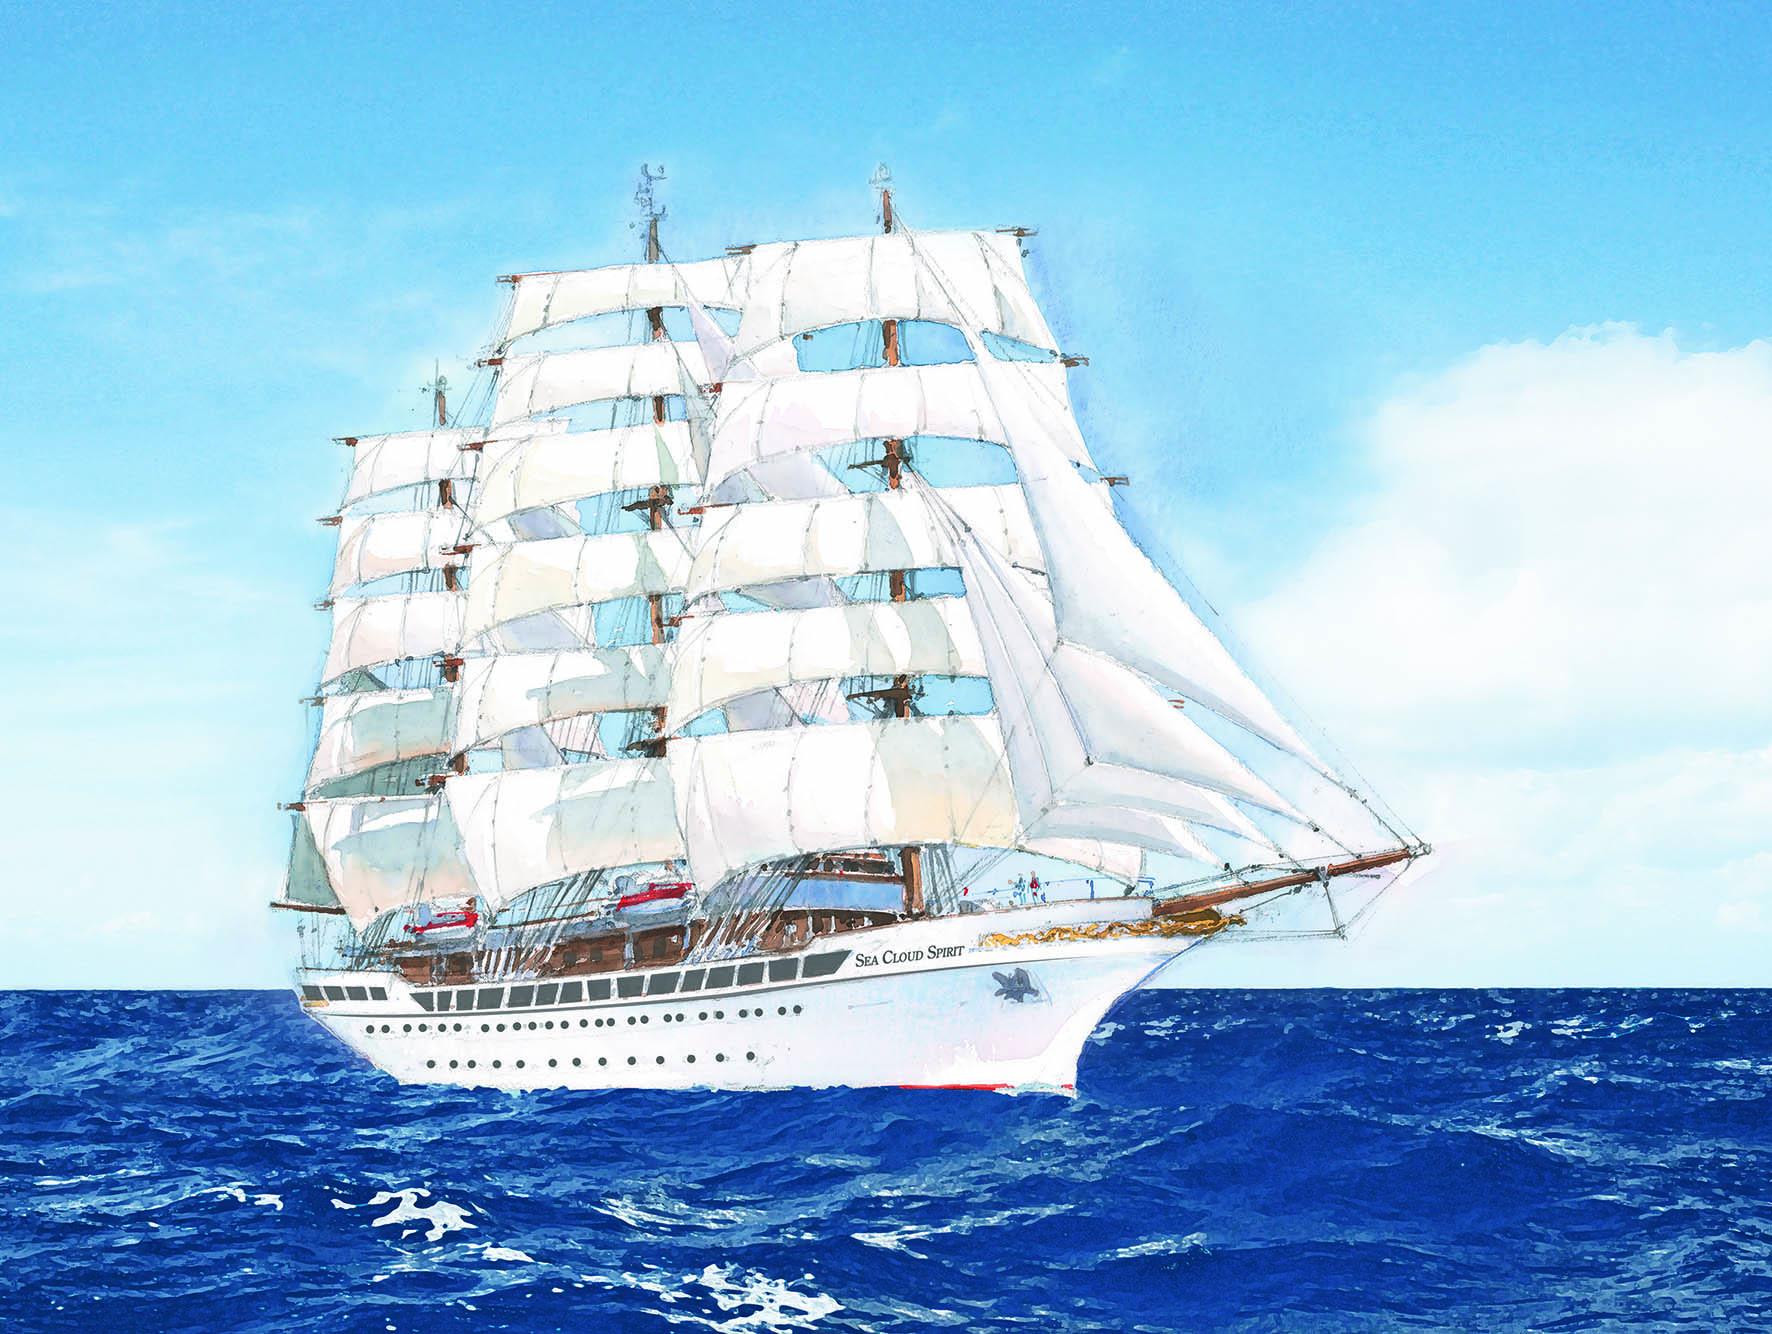 Der 138 Meter lange Dreimaster Sea Cloud Spirit wird am 29. August 2020 in Dienst gestellt, die Jungfernfahrt geht in dreizehn Tagen von Lissabon nach Civitavecchia (Rom).